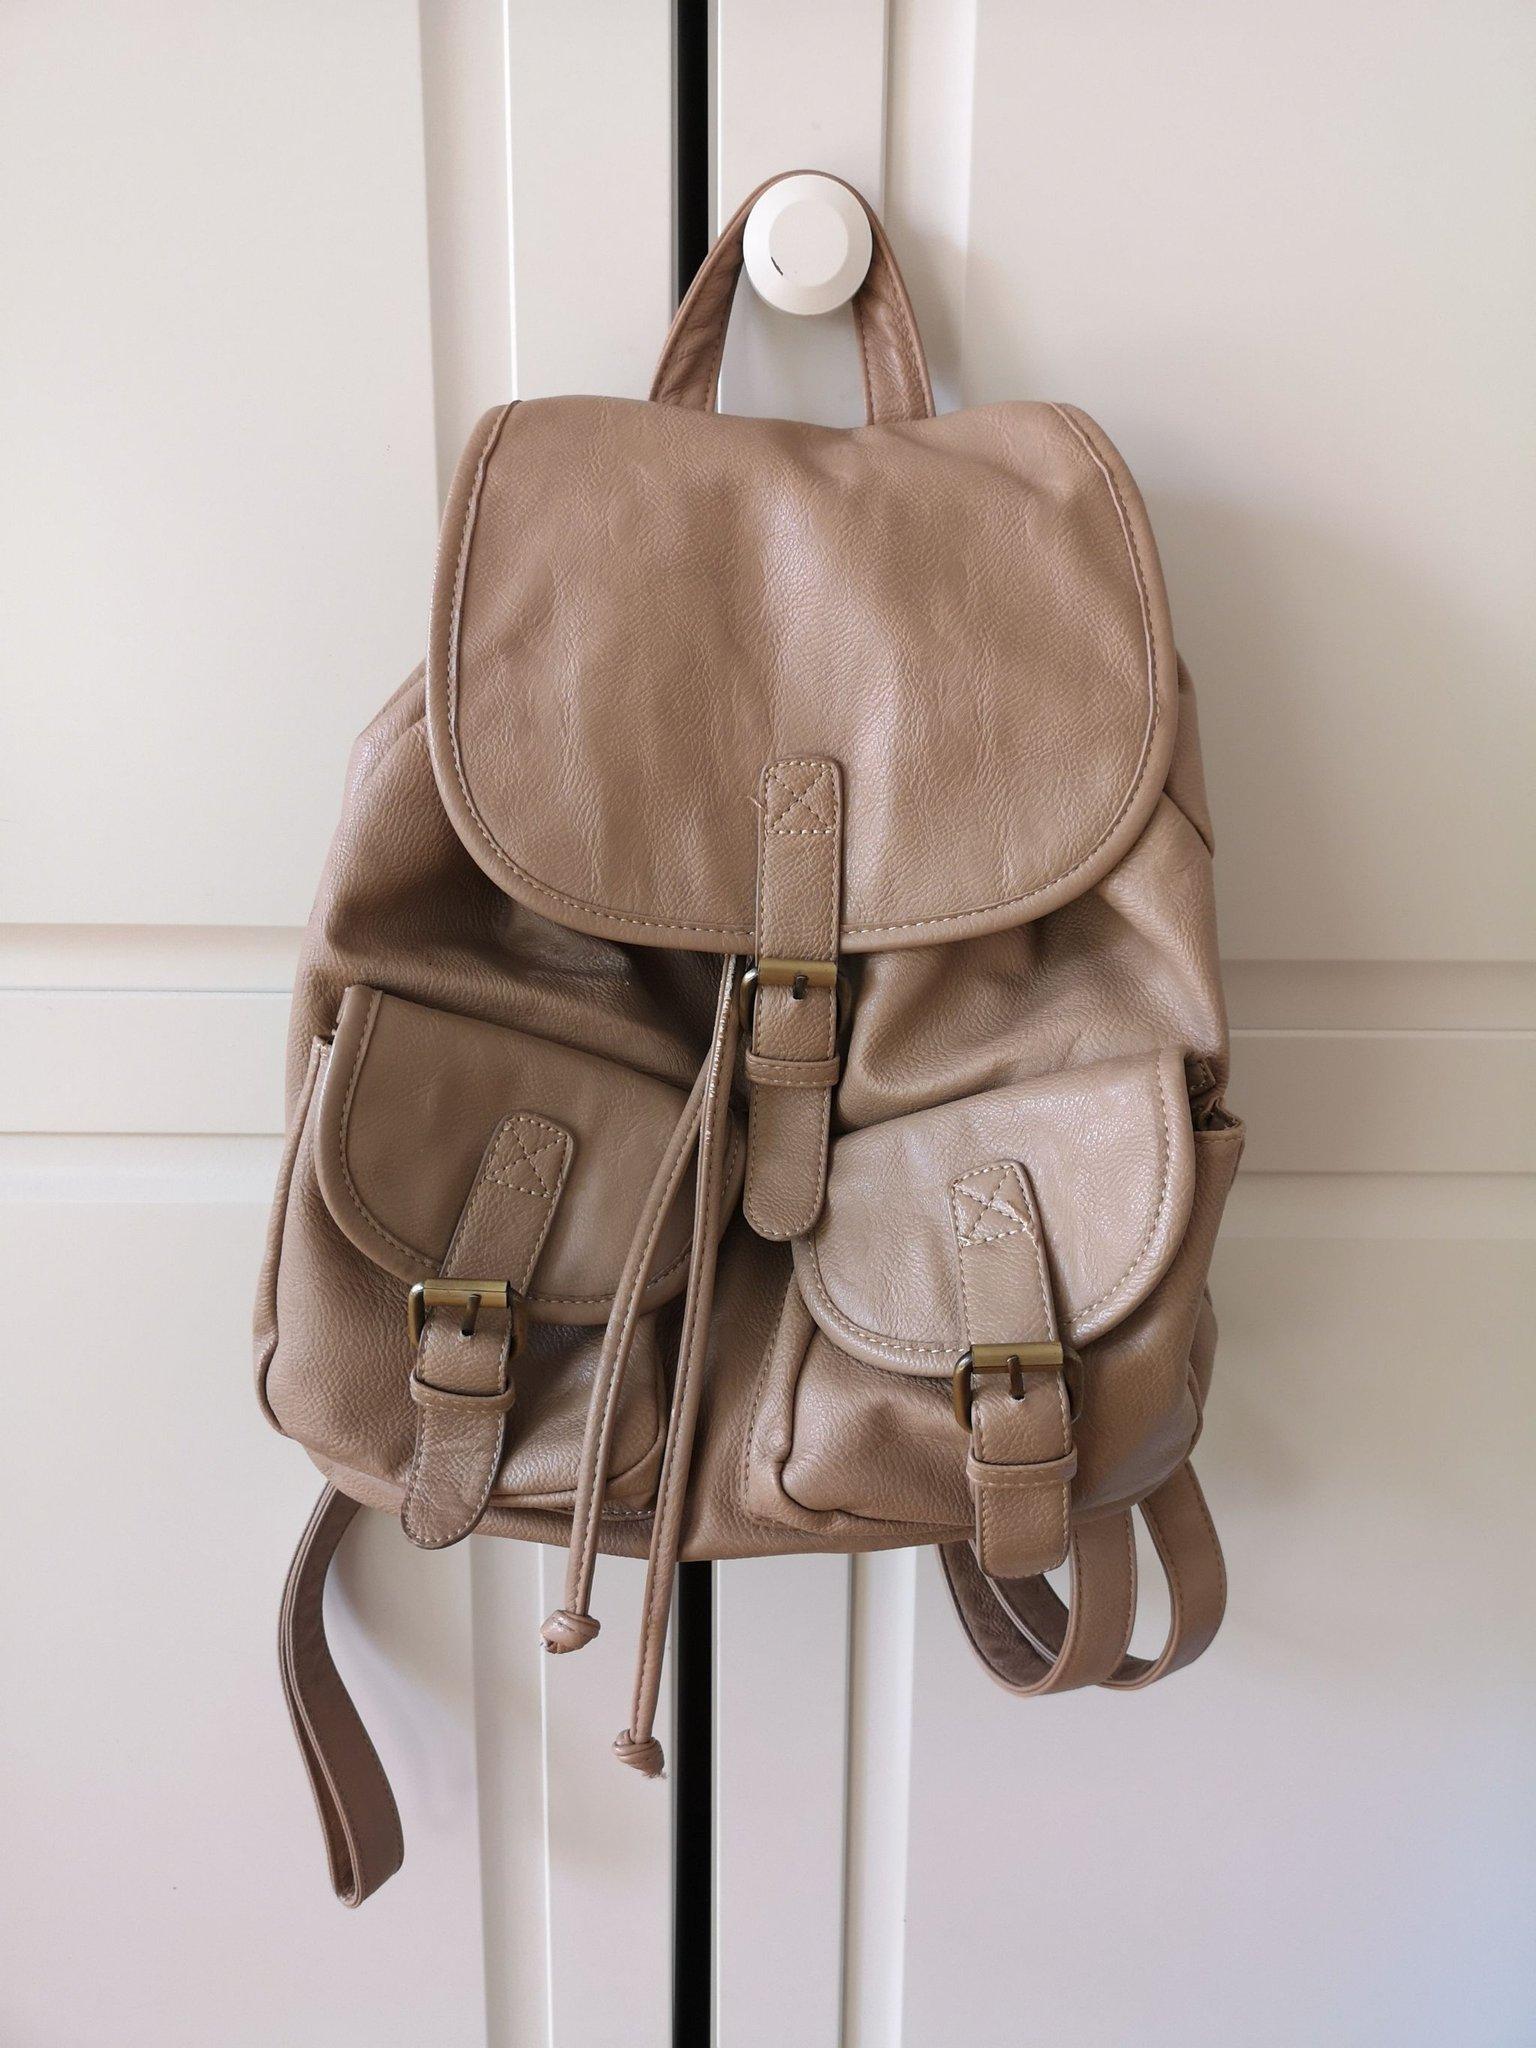 Ryggsäck i läderimitation (424555923) ᐈ Köp på Tradera